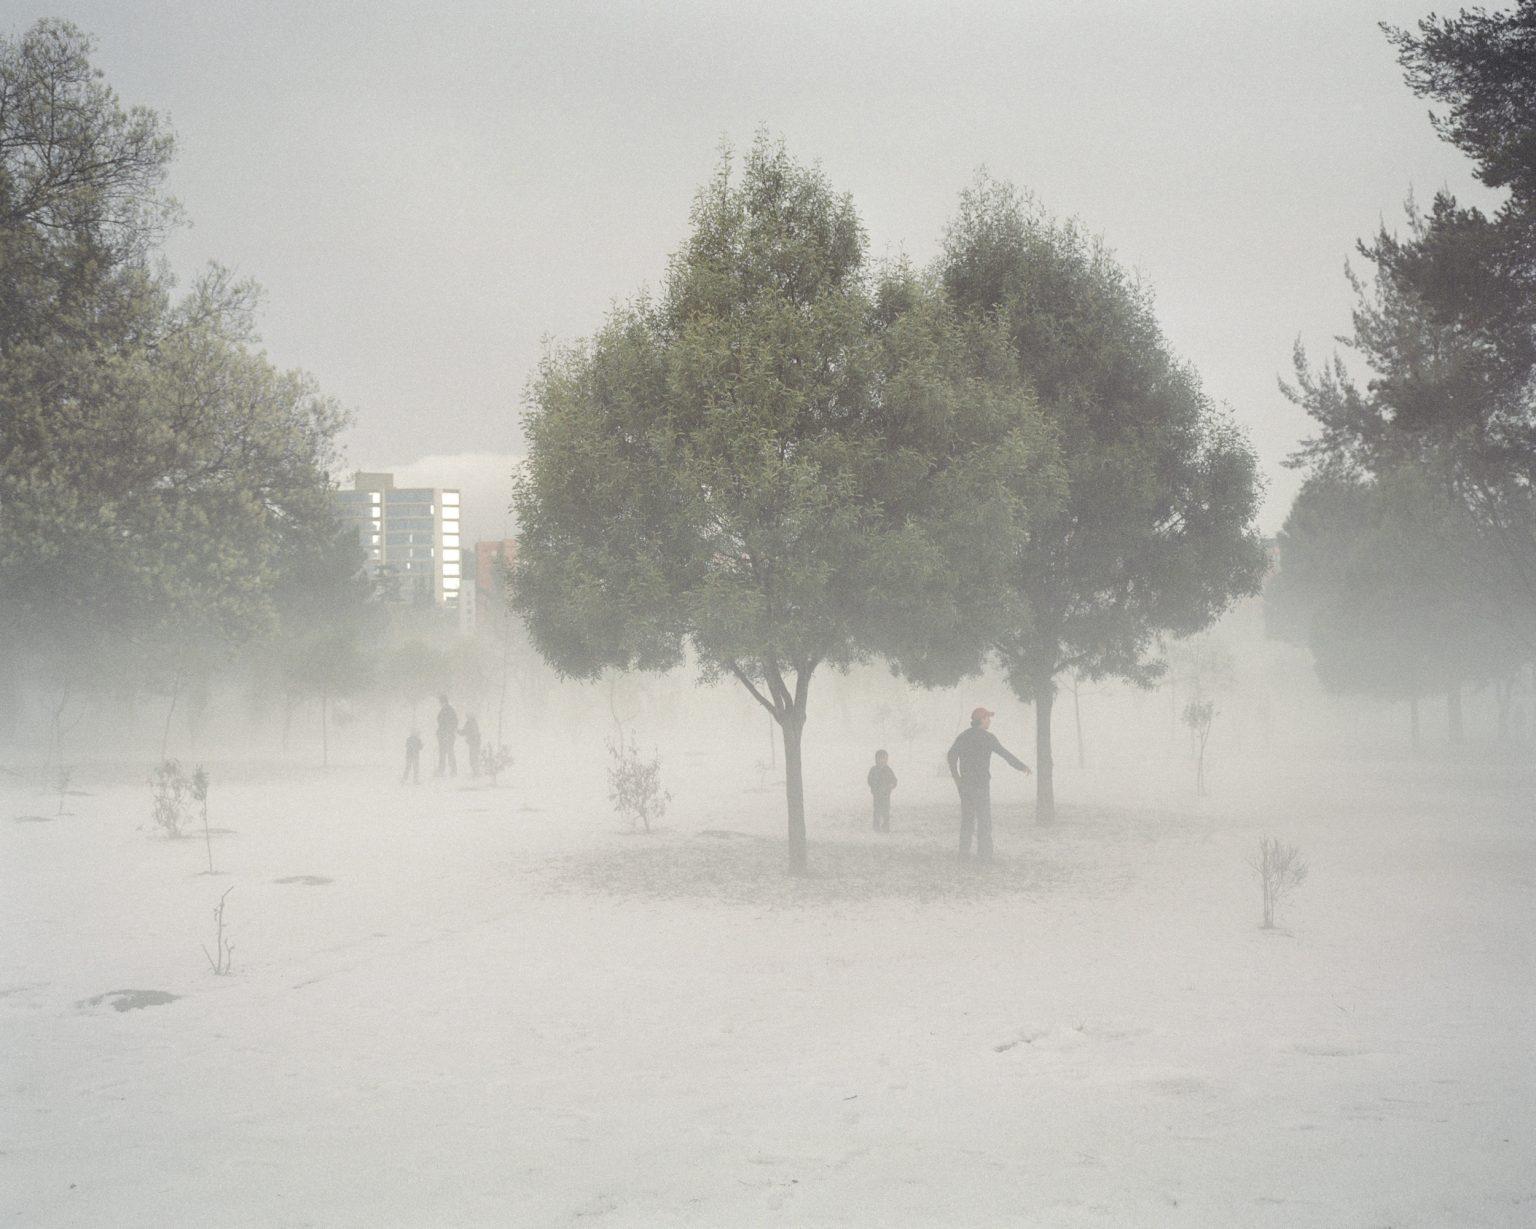 """Dopo una rara grandinata nel Parco La Carolina, nella parte nord di Quito, la zona piu ricca della capitale dell'Ecuador. Novembre 2011.  After a rare hailstorm in """"La Carolina"""" Park, in the north of Quito, the richest area of the capital of Ecuador. November 2011."""